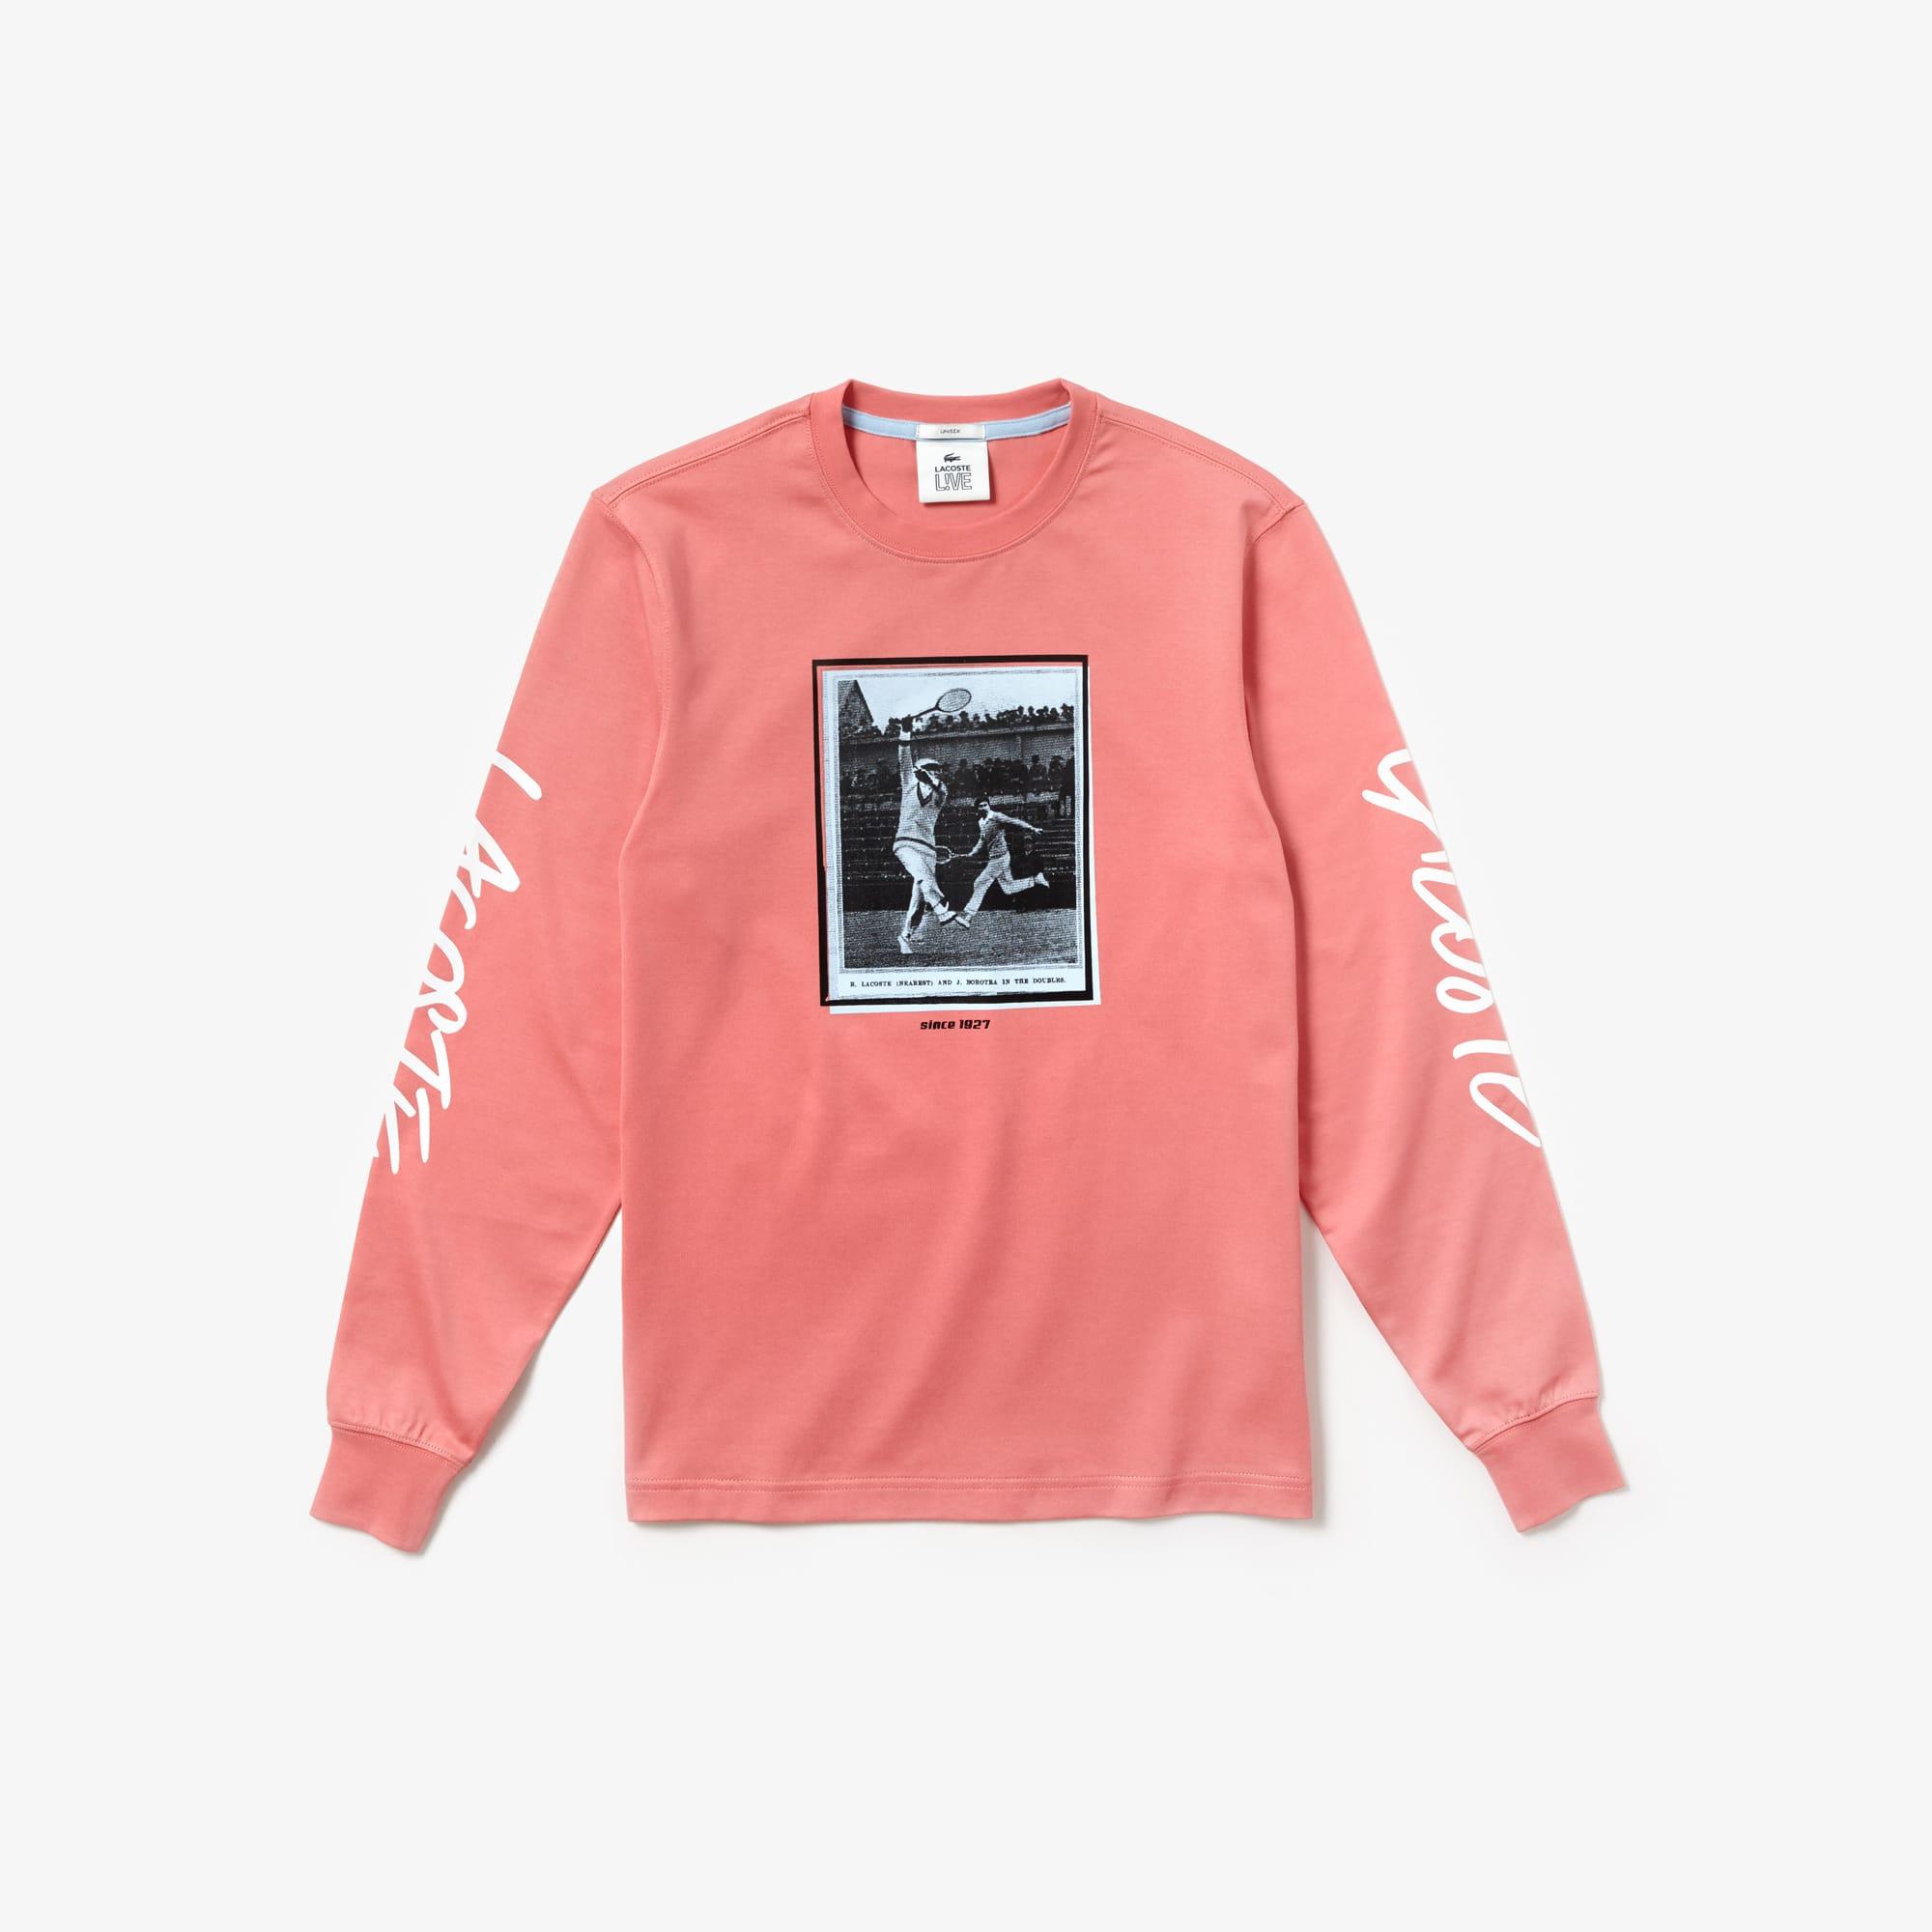 cc8f0f712a18f Men s T Shirts